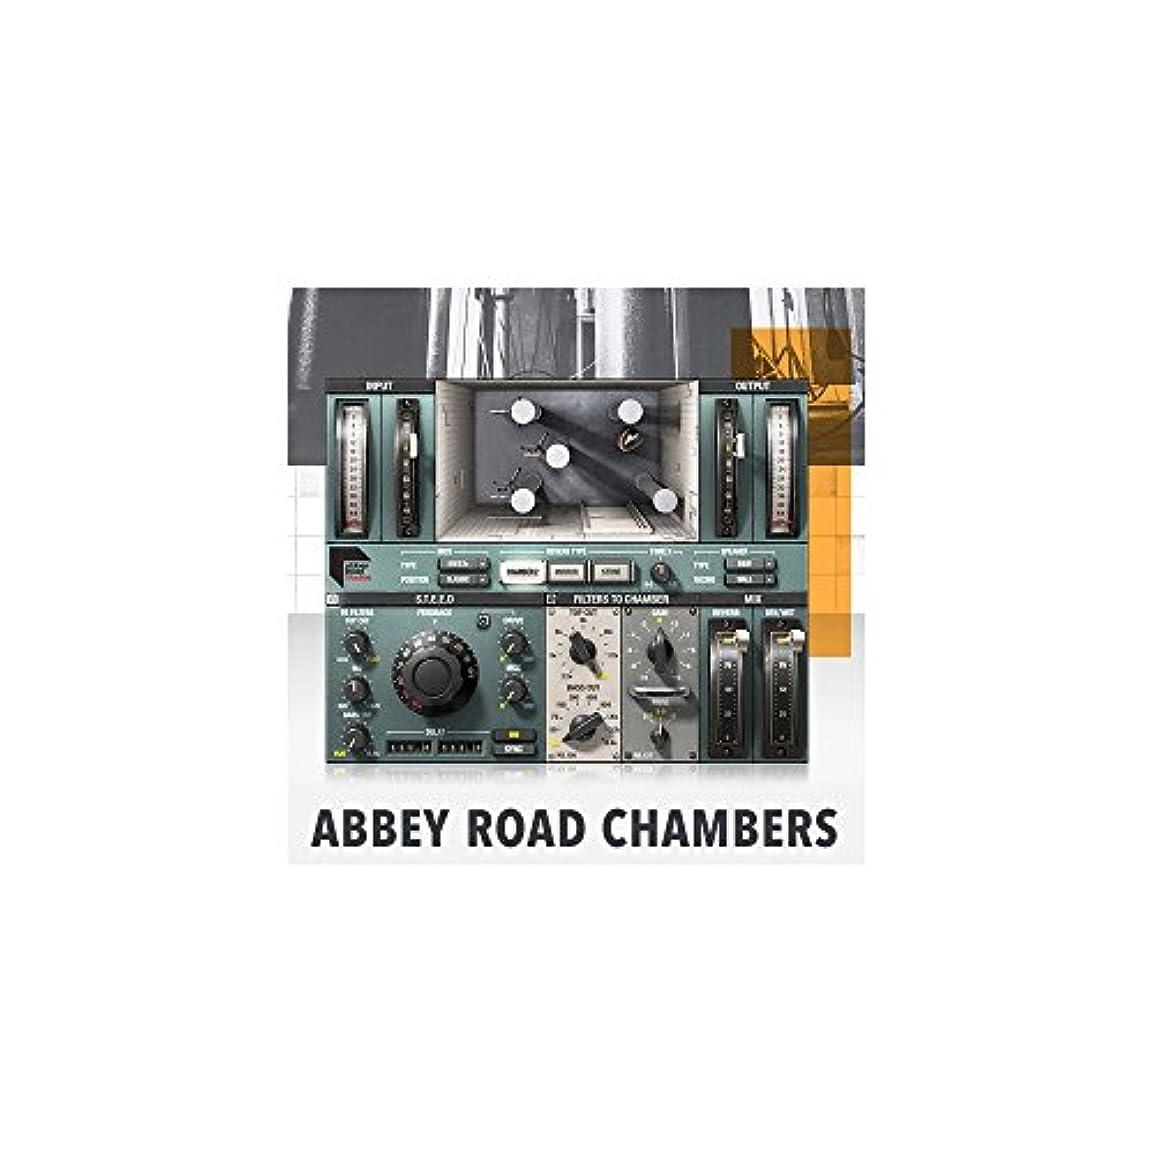 パズル有効なアカデミーWAVES Abbey Road Chambers プラグインソフト 【ダウンロード版】 ウェーブス